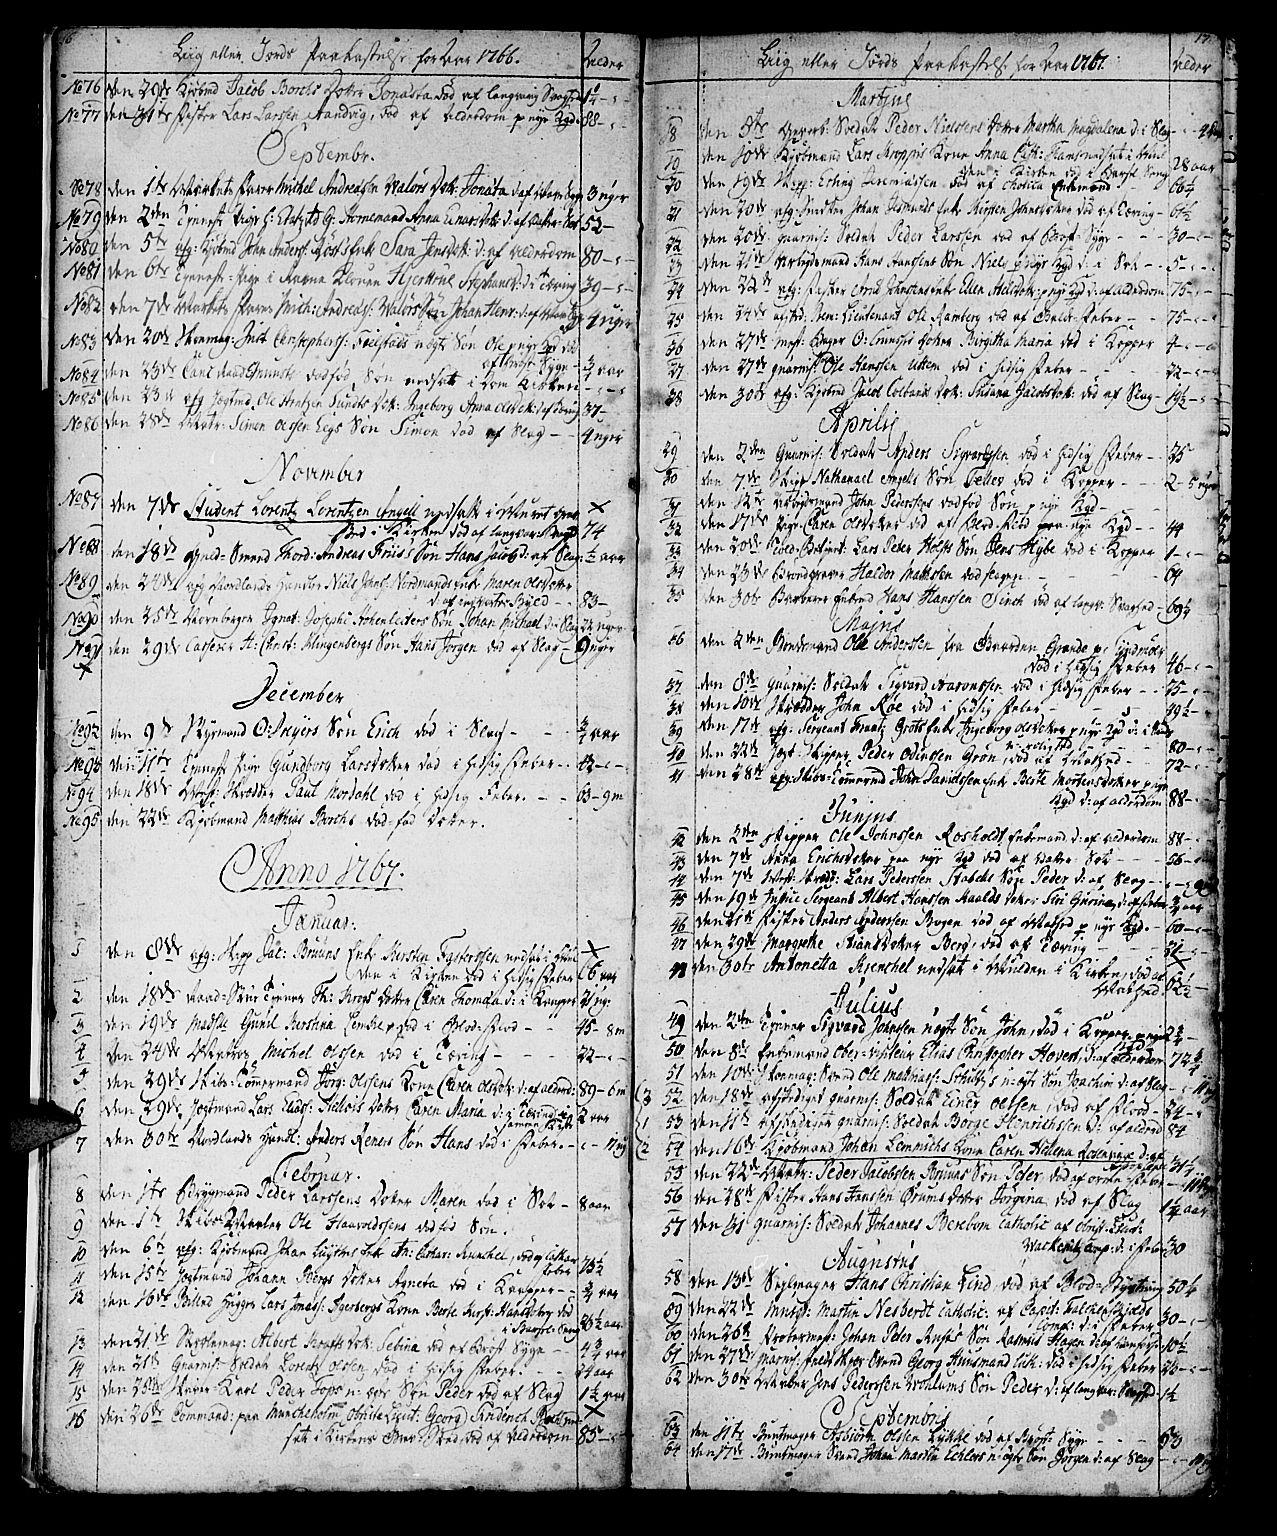 SAT, Ministerialprotokoller, klokkerbøker og fødselsregistre - Sør-Trøndelag, 602/L0134: Klokkerbok nr. 602C02, 1759-1812, s. 16-17